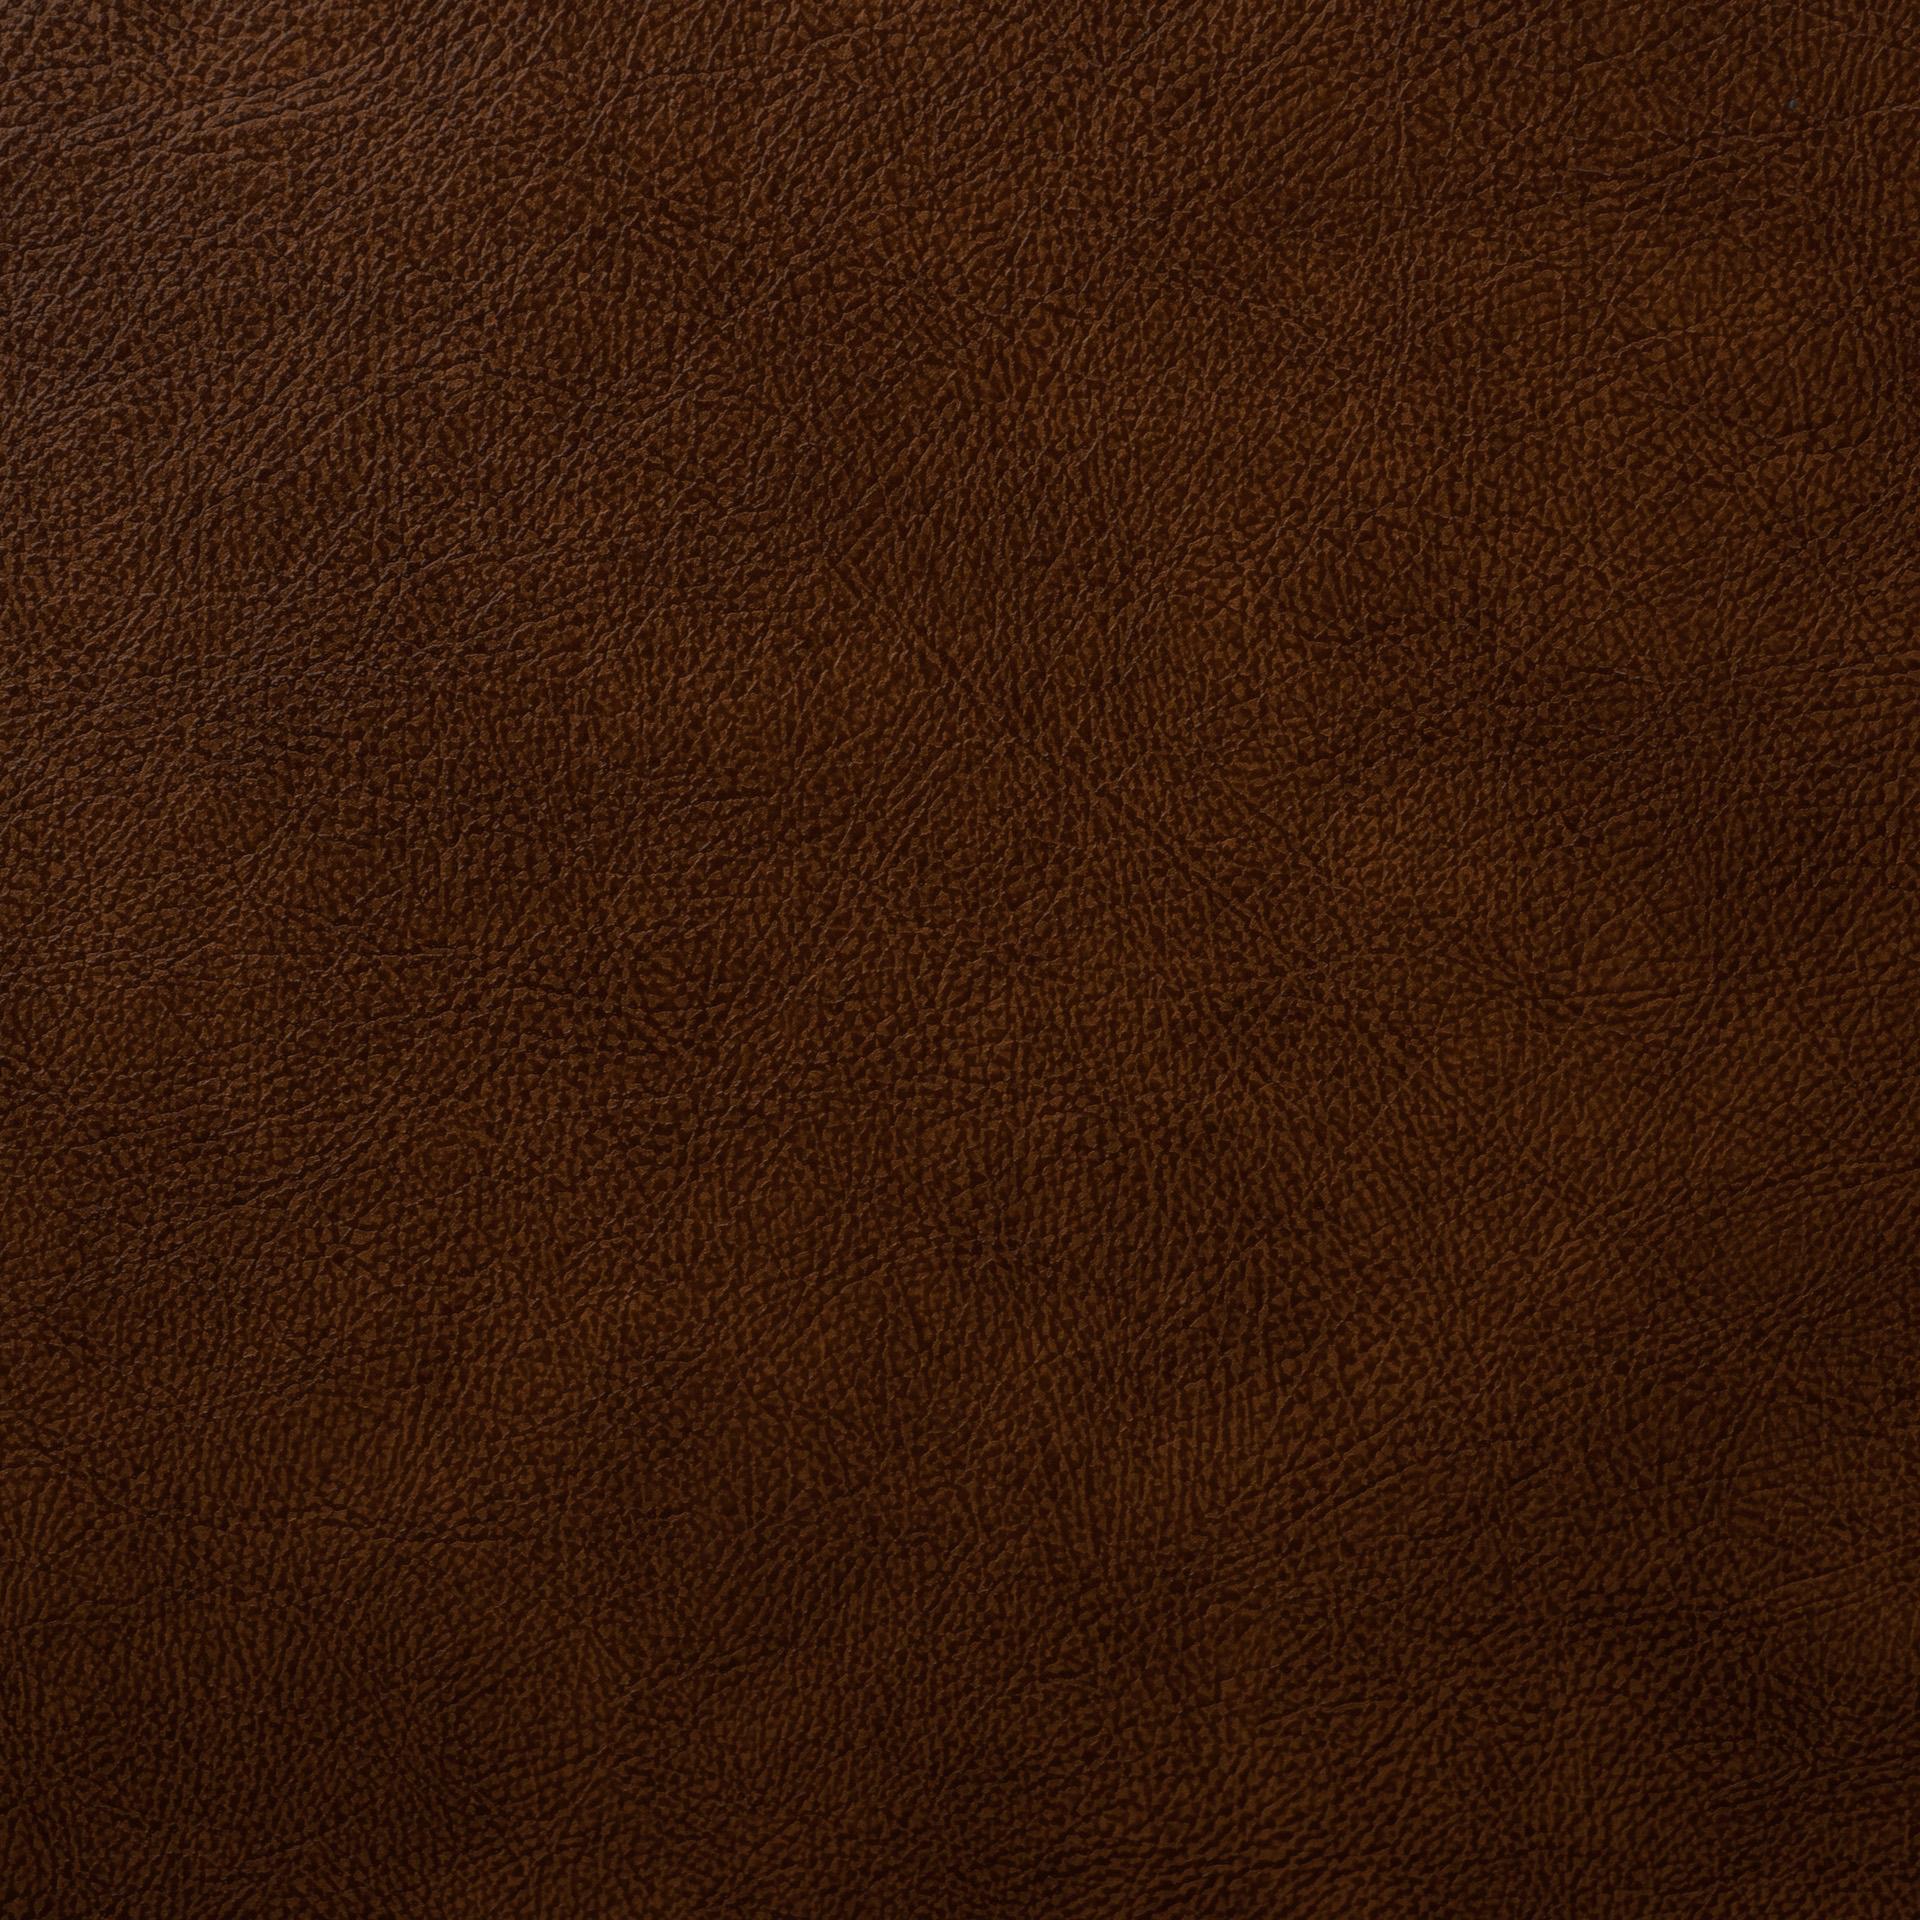 Коллекция ткани Прайм WHISKY,  купить ткань Кож зам для мебели Украина